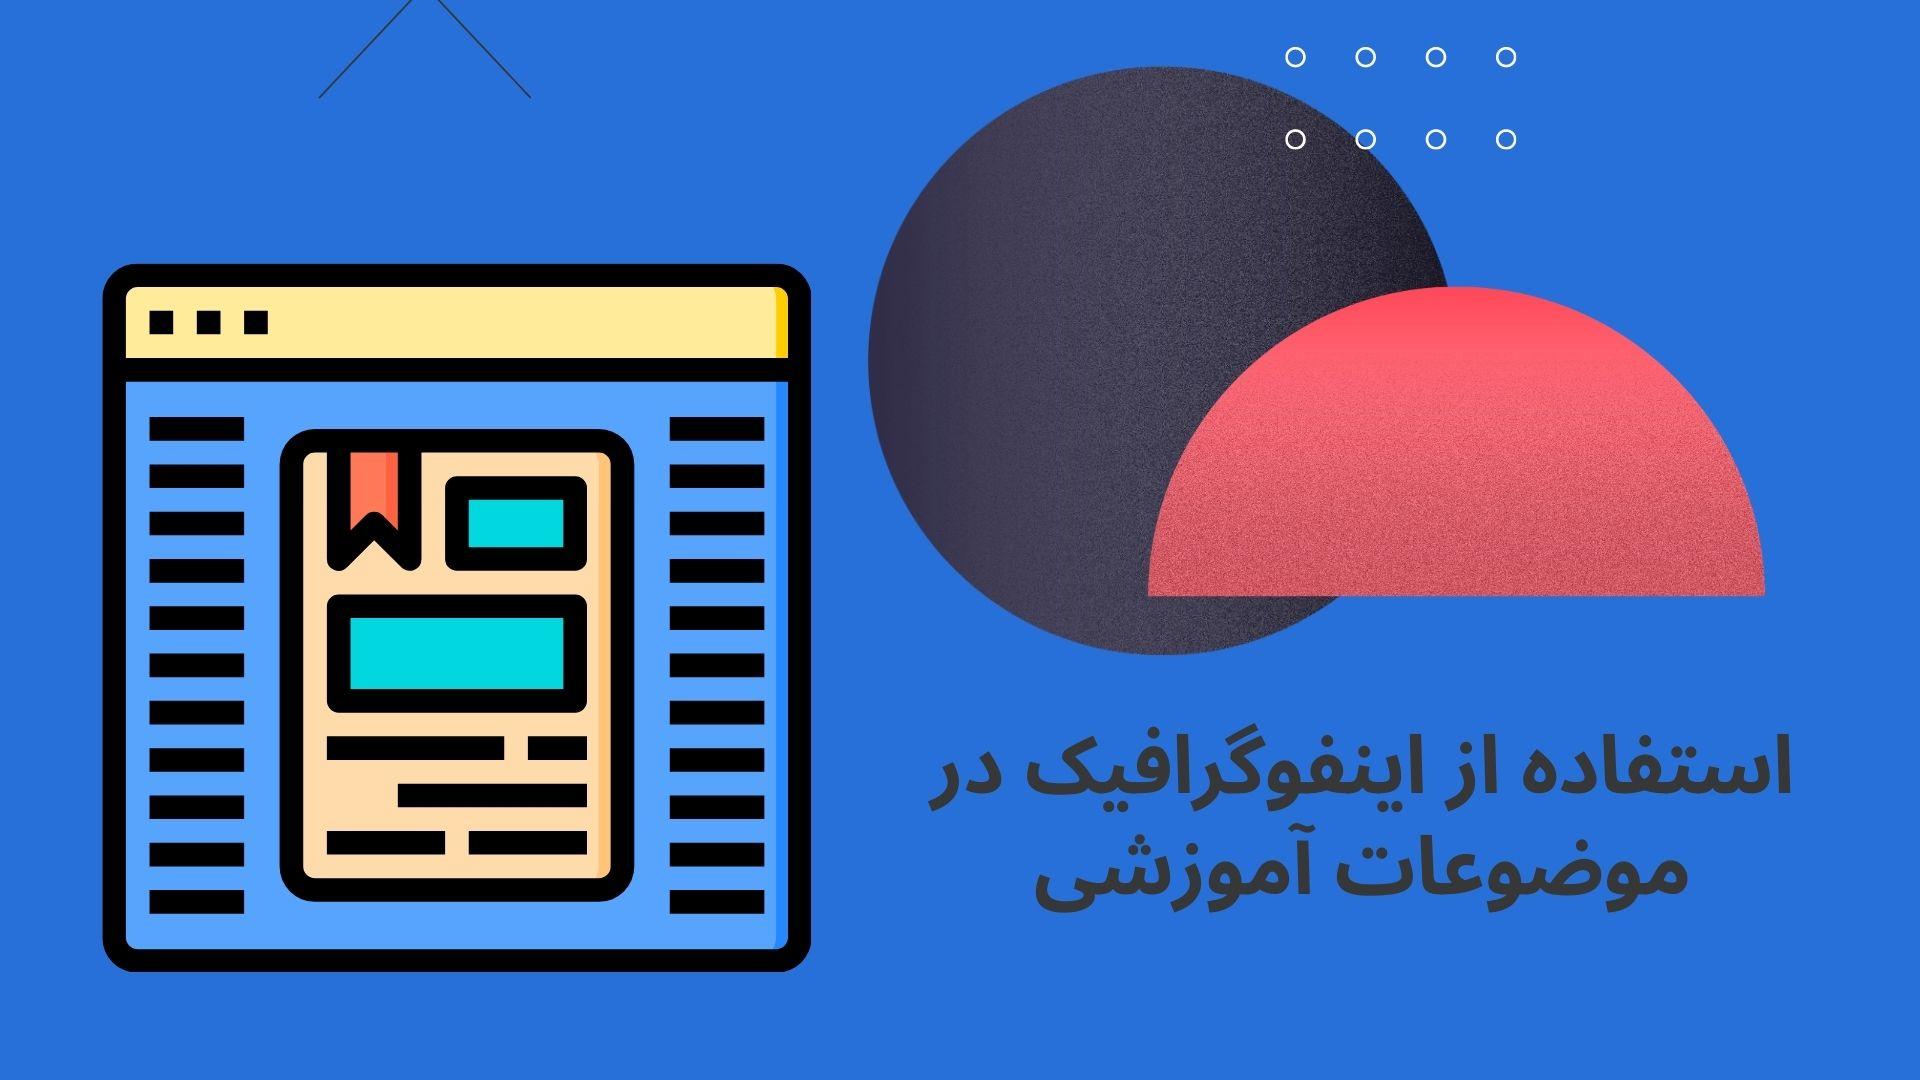 استفاده از اینفوگرافیک در موضوعات آموزشی